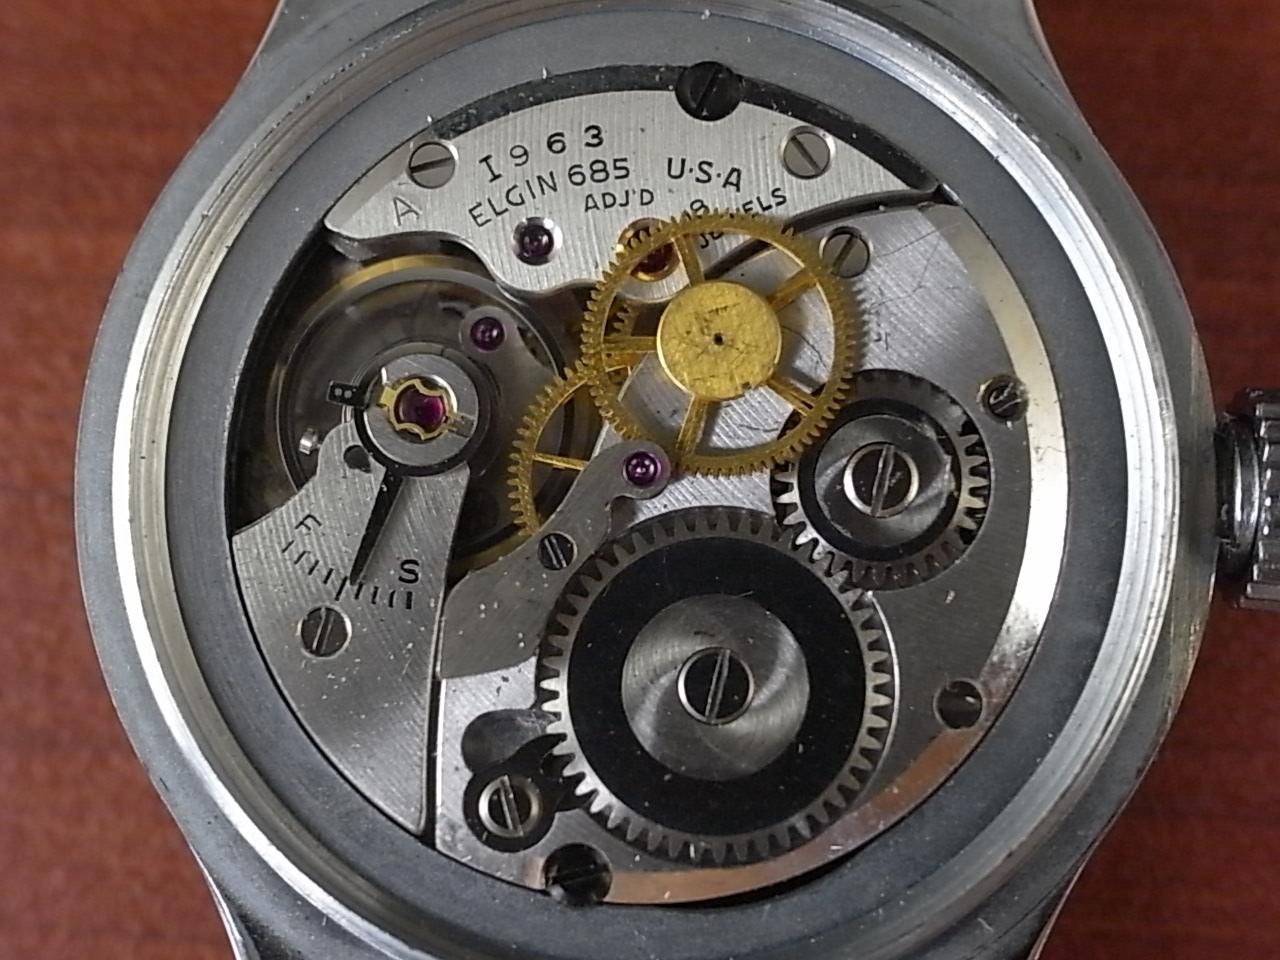 エルジン ミリタリー アメリカ陸軍航空隊 タイプA-11 24時間時計 1940年代の写真5枚目